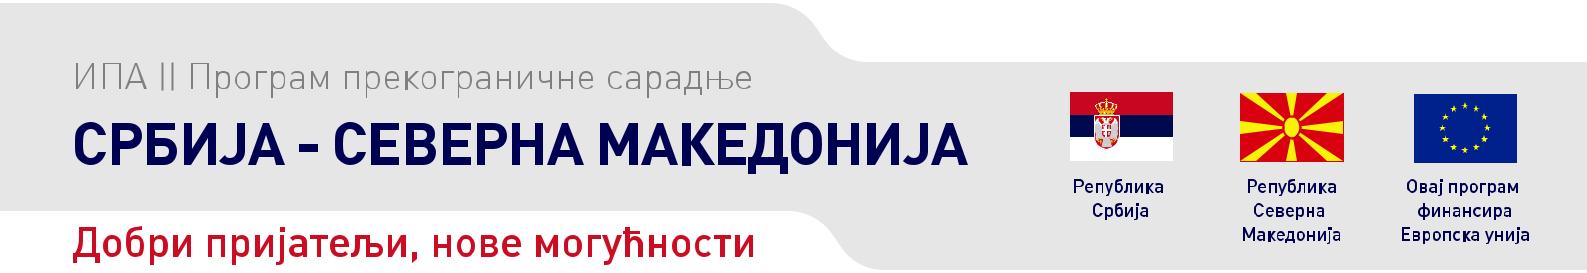 Србија - Северна Македонија: Први позив за достављање предлога пројеката